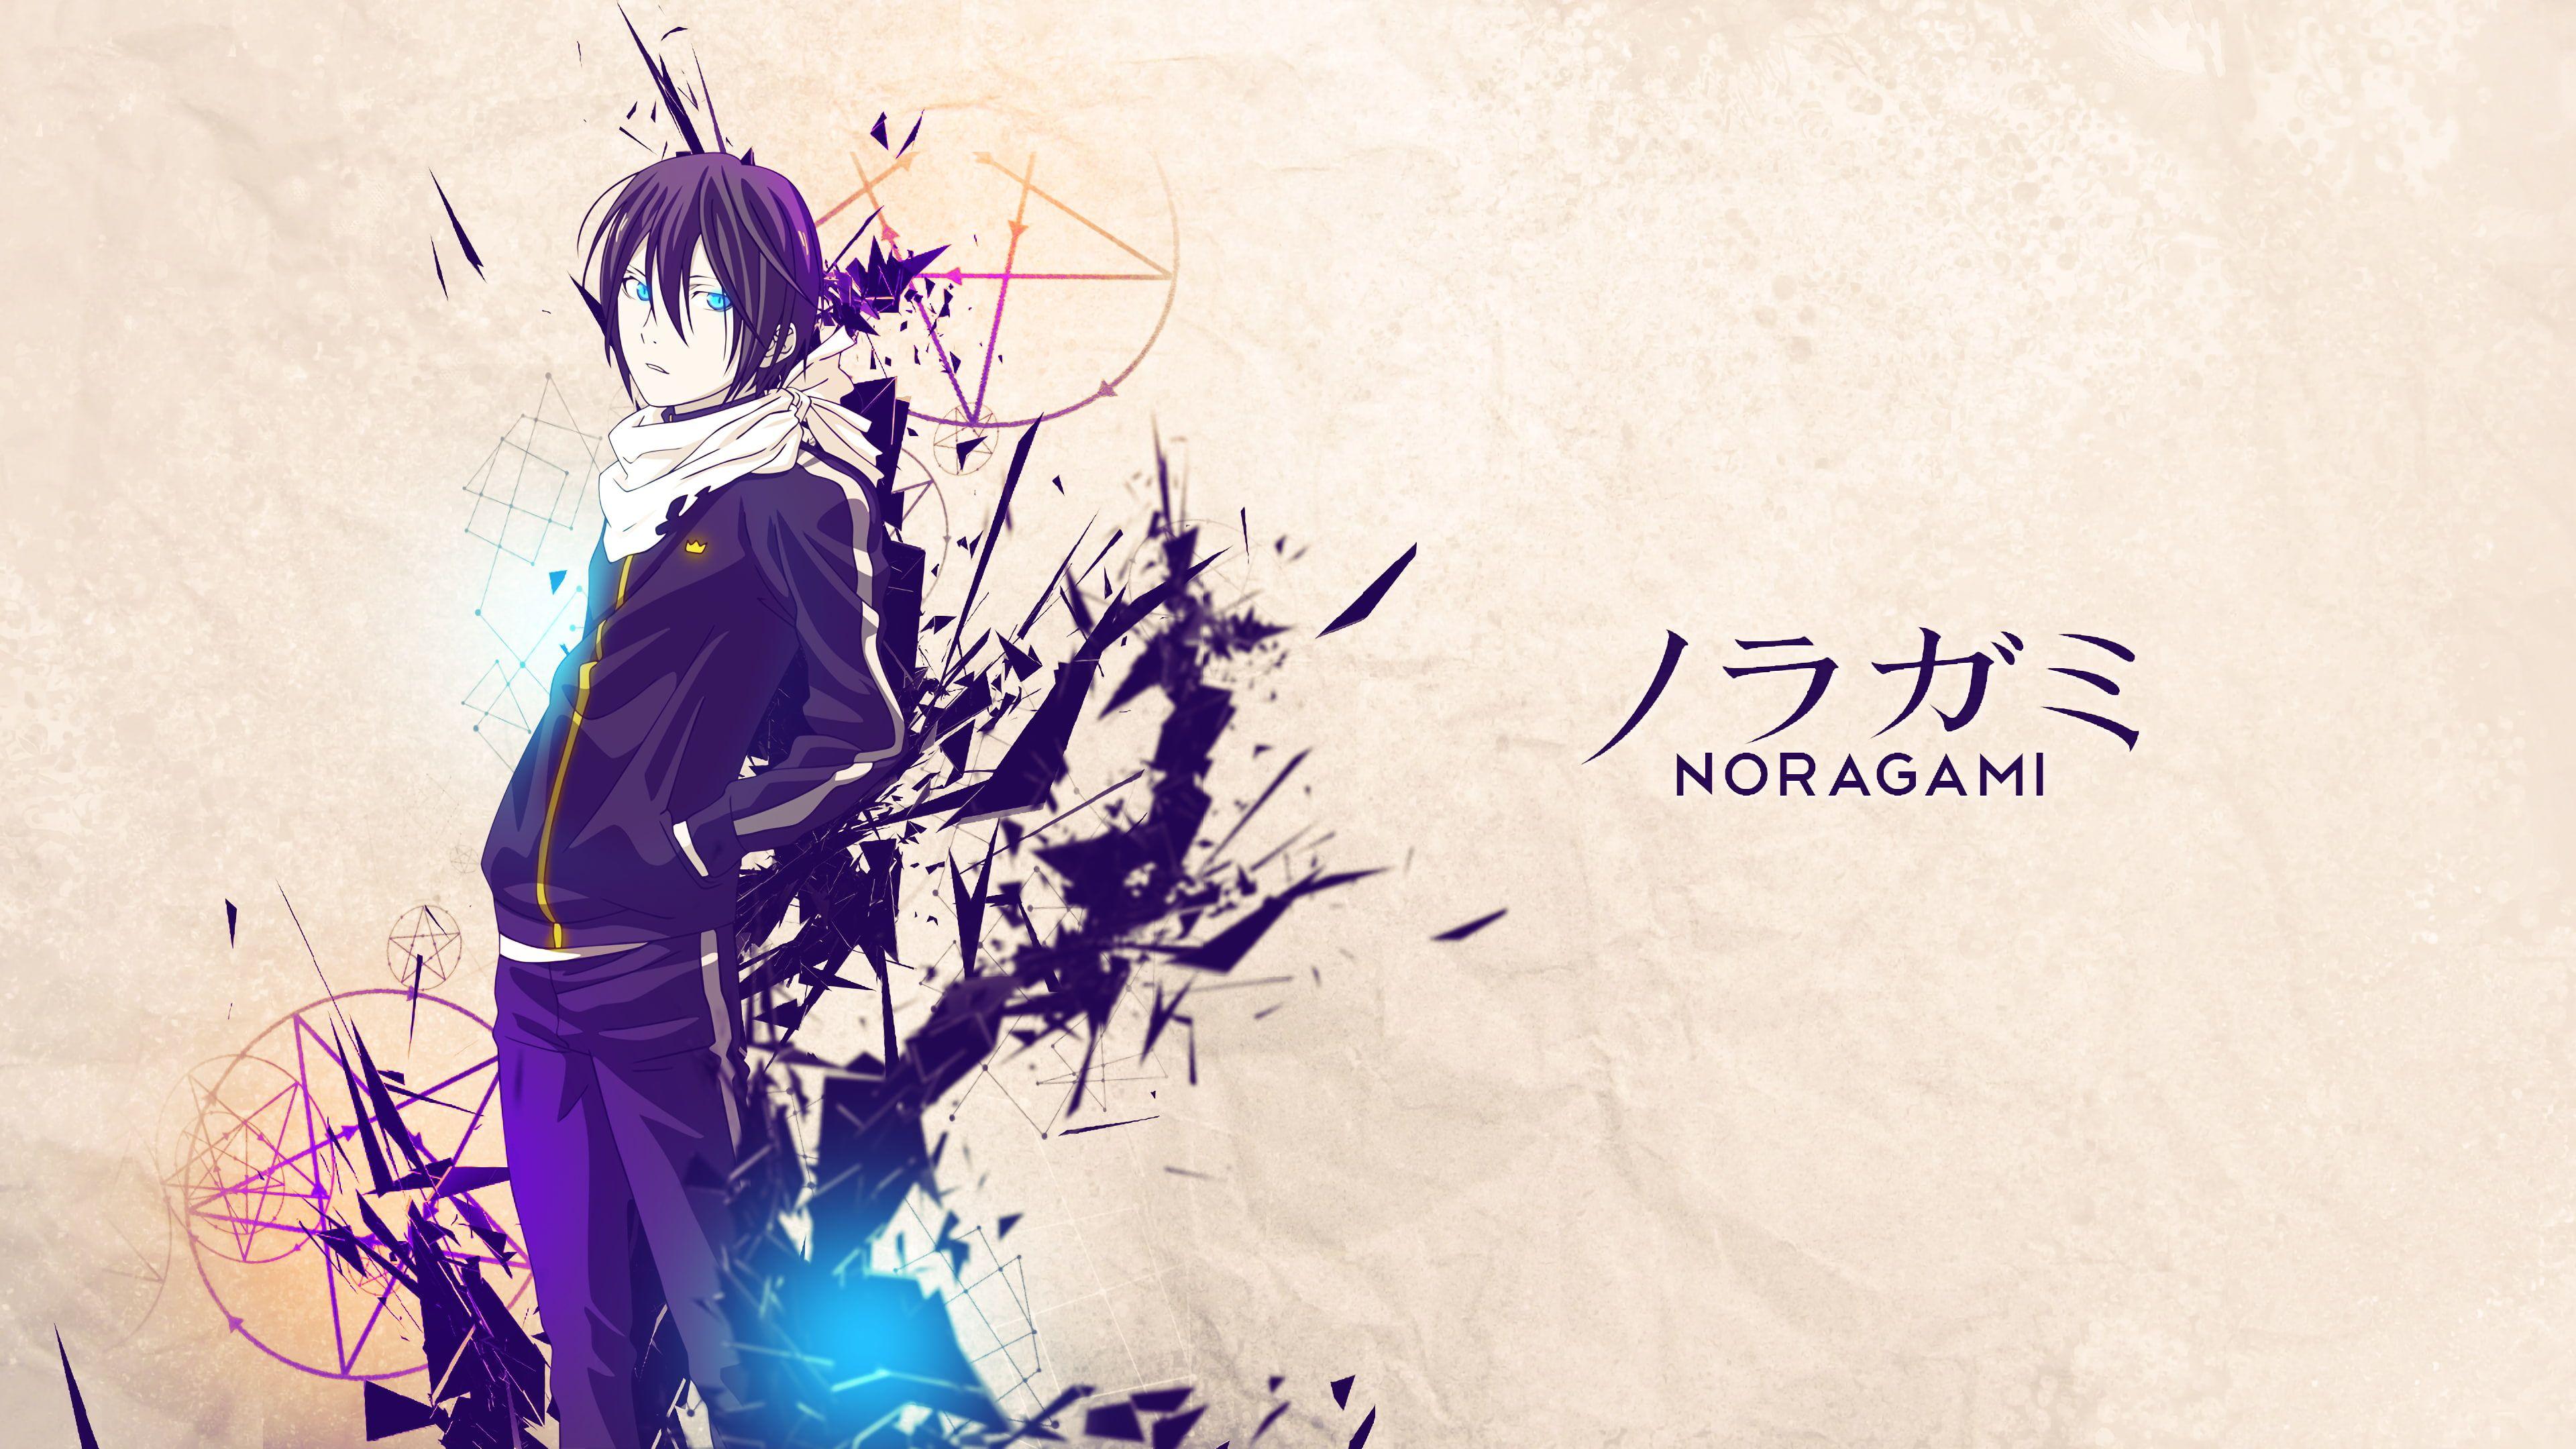 Noragami Yato Wallpaper